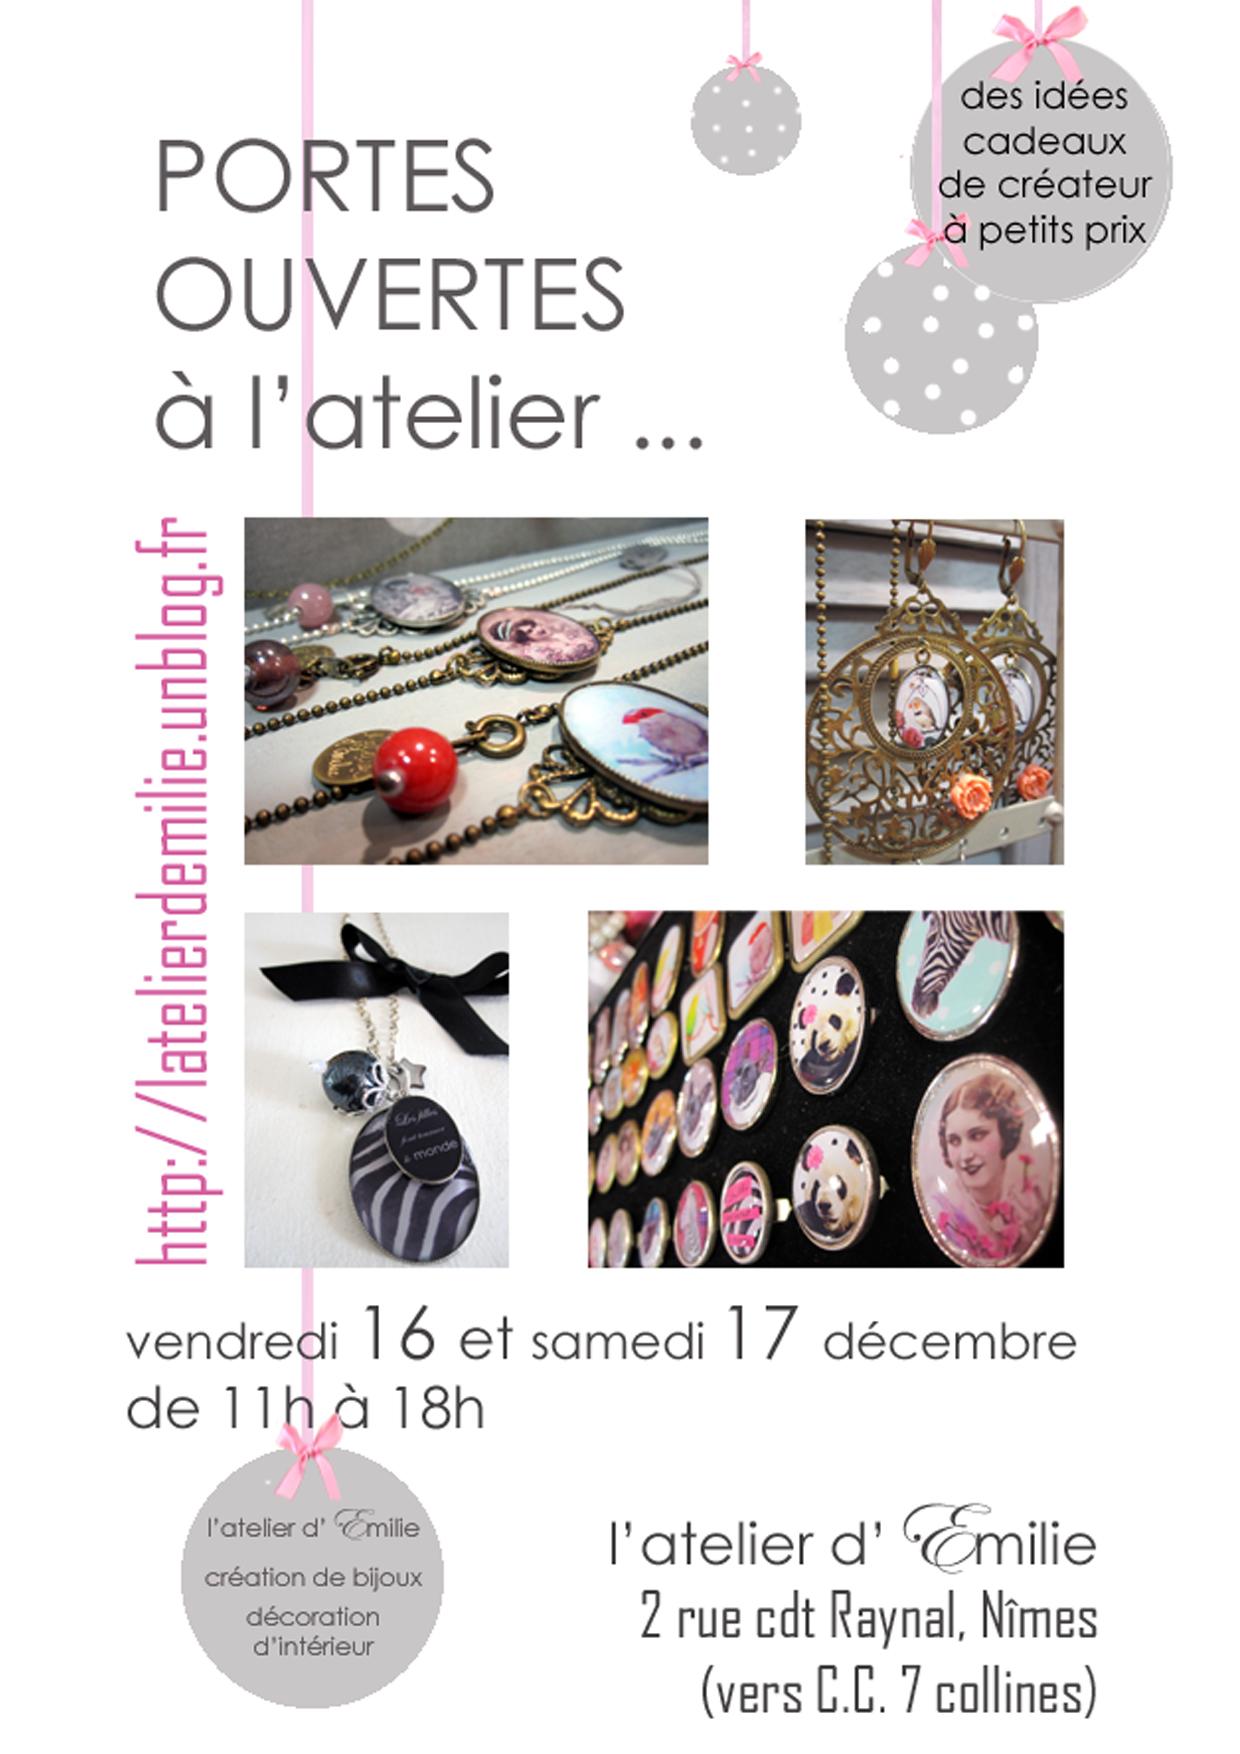 Portes ouvertes a l atelier ce week end l 39 atelier d 39 emilie - Atelier chardon savard portes ouvertes ...